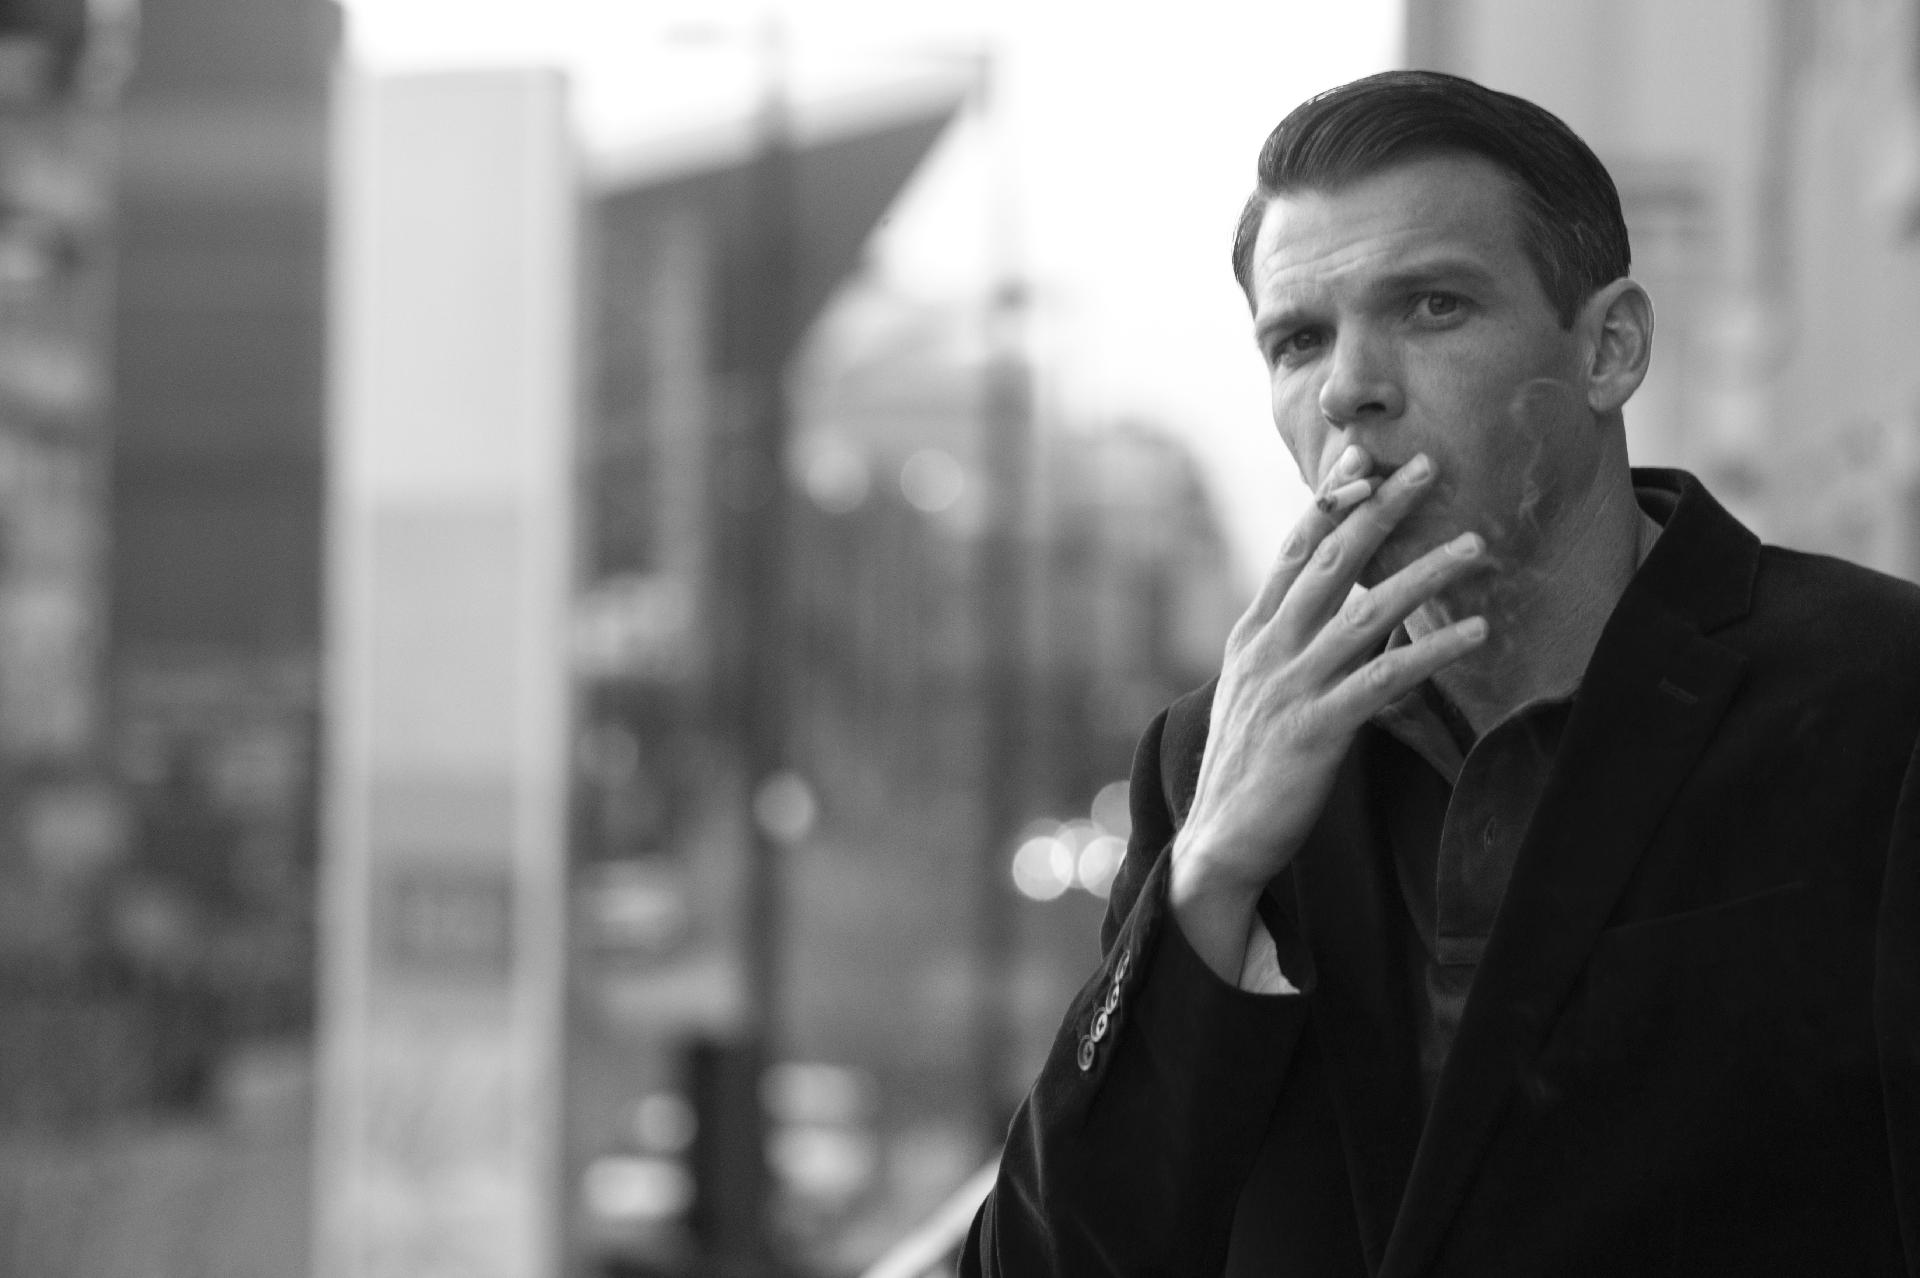 【電子タバコで禁煙する方法】VAPEで禁煙を成功させるための5つのポイントとは?